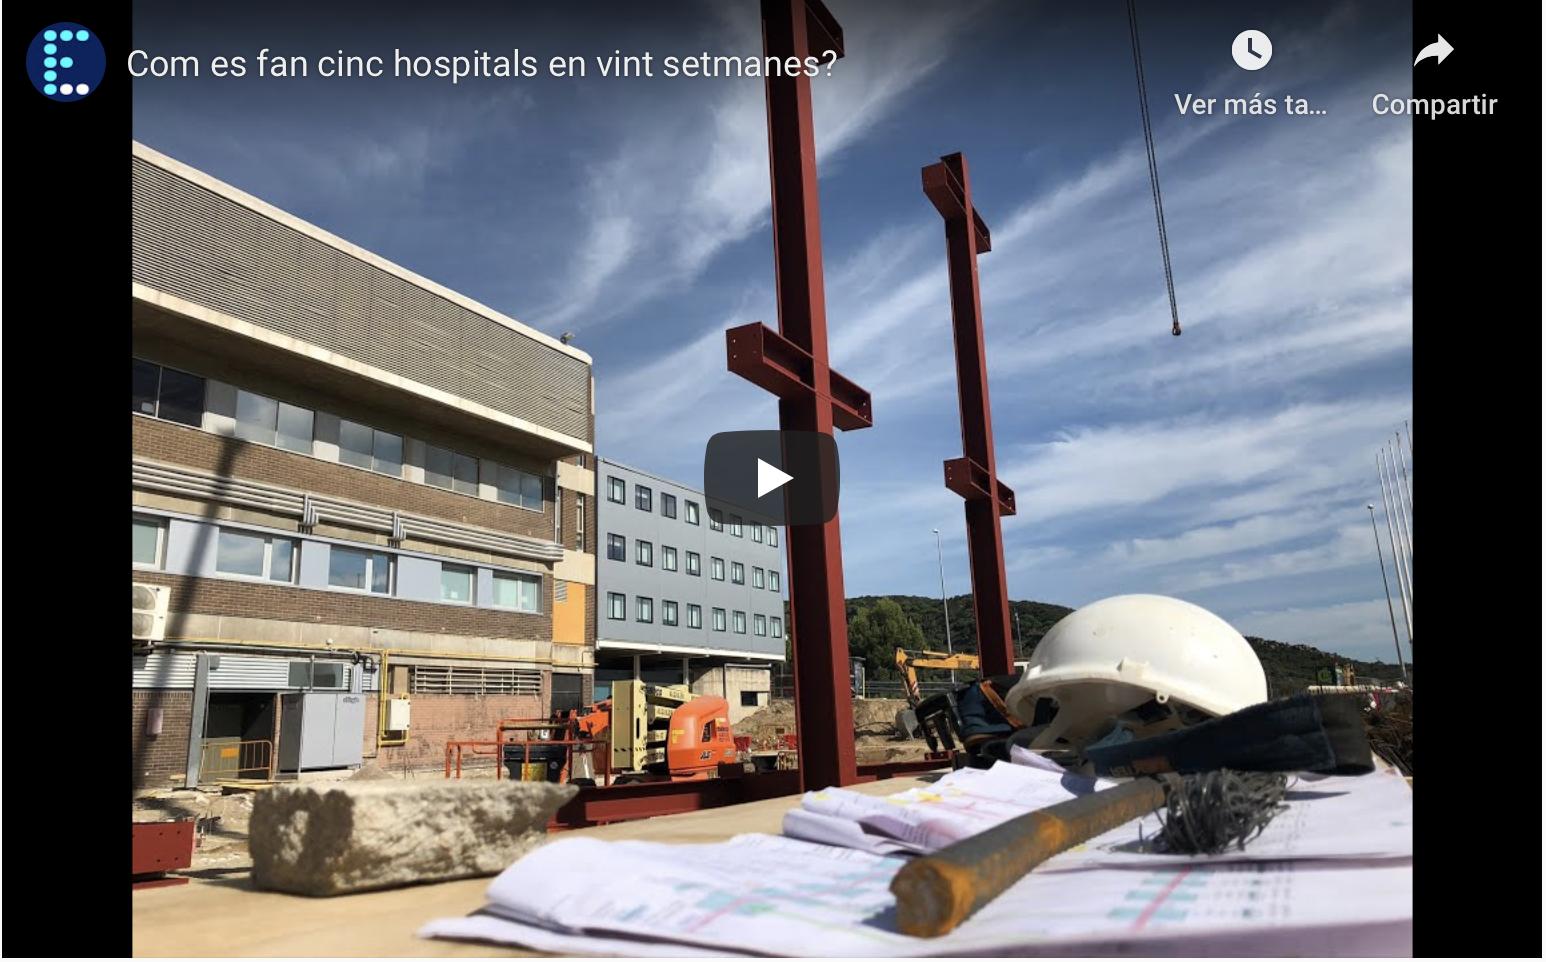 ¿Cómo construir 5 hospitales en 20 semanas?